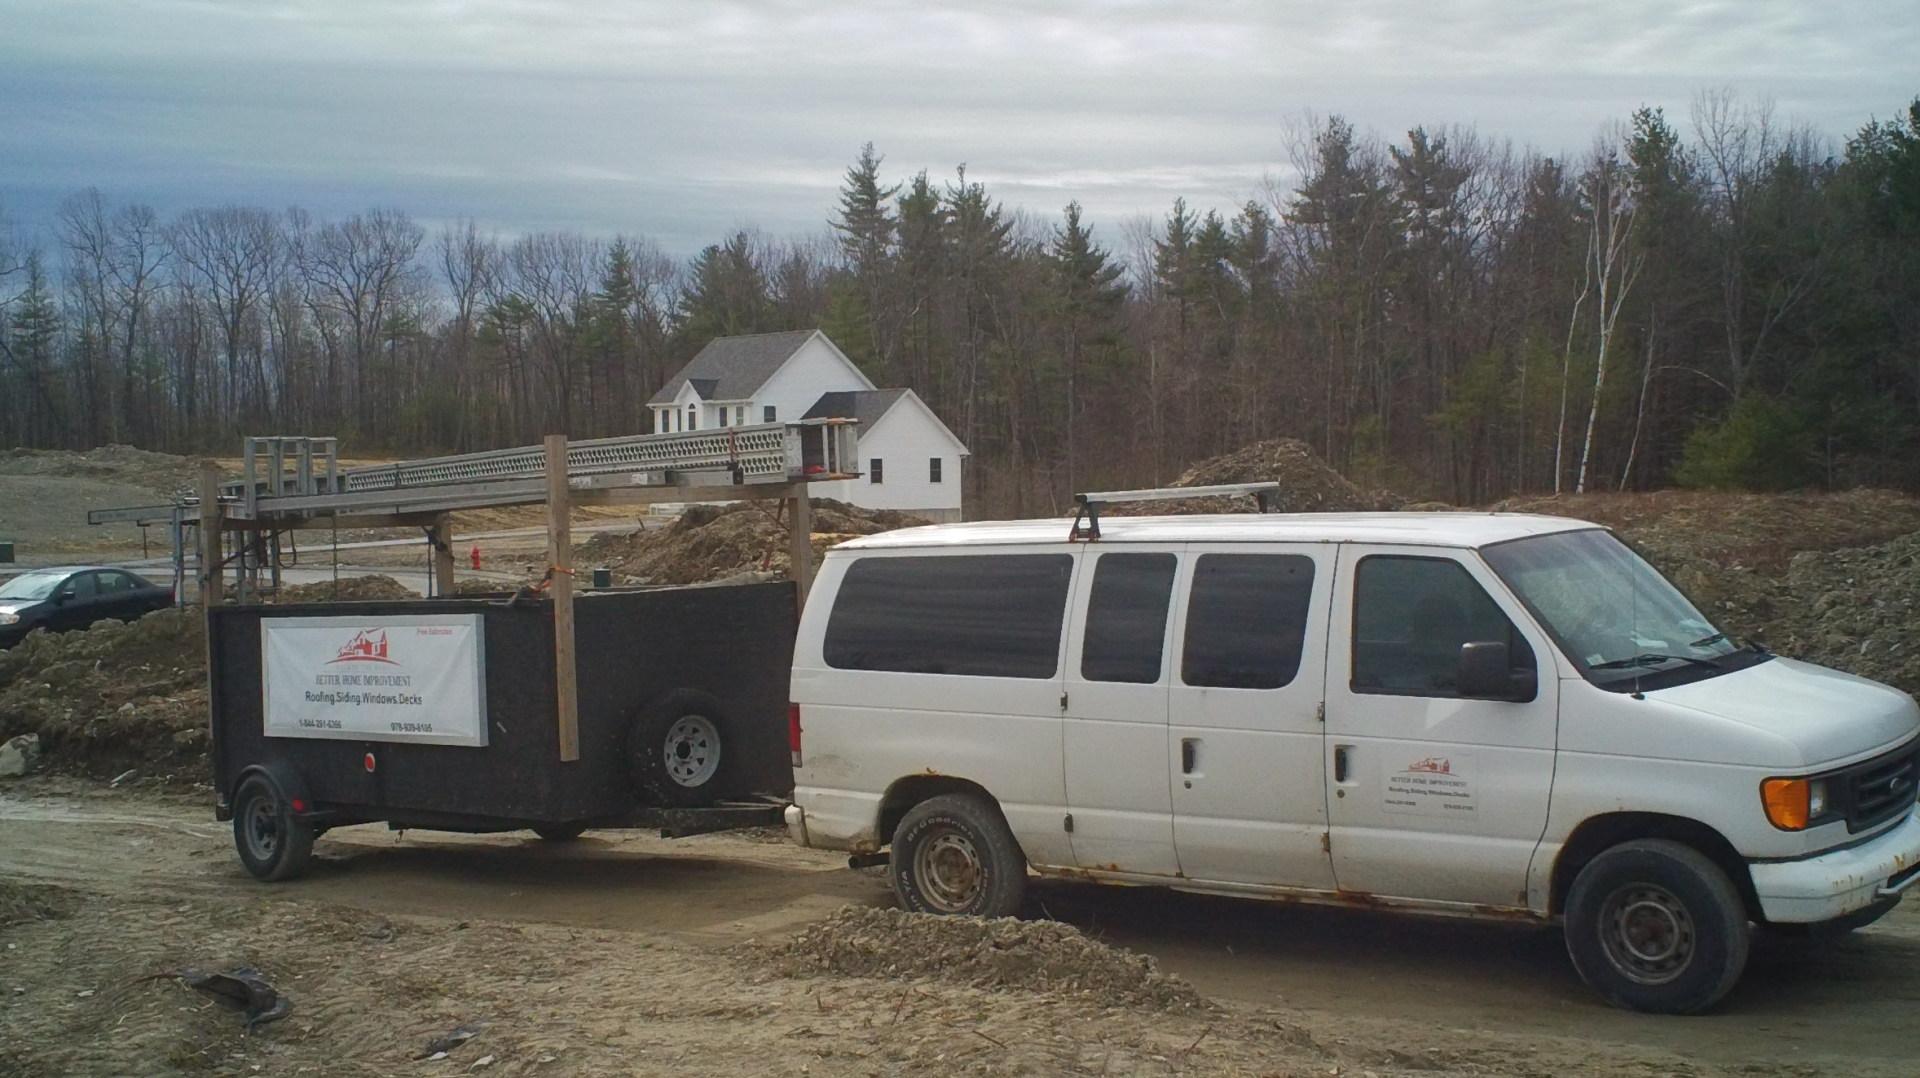 Work Van and Trailer